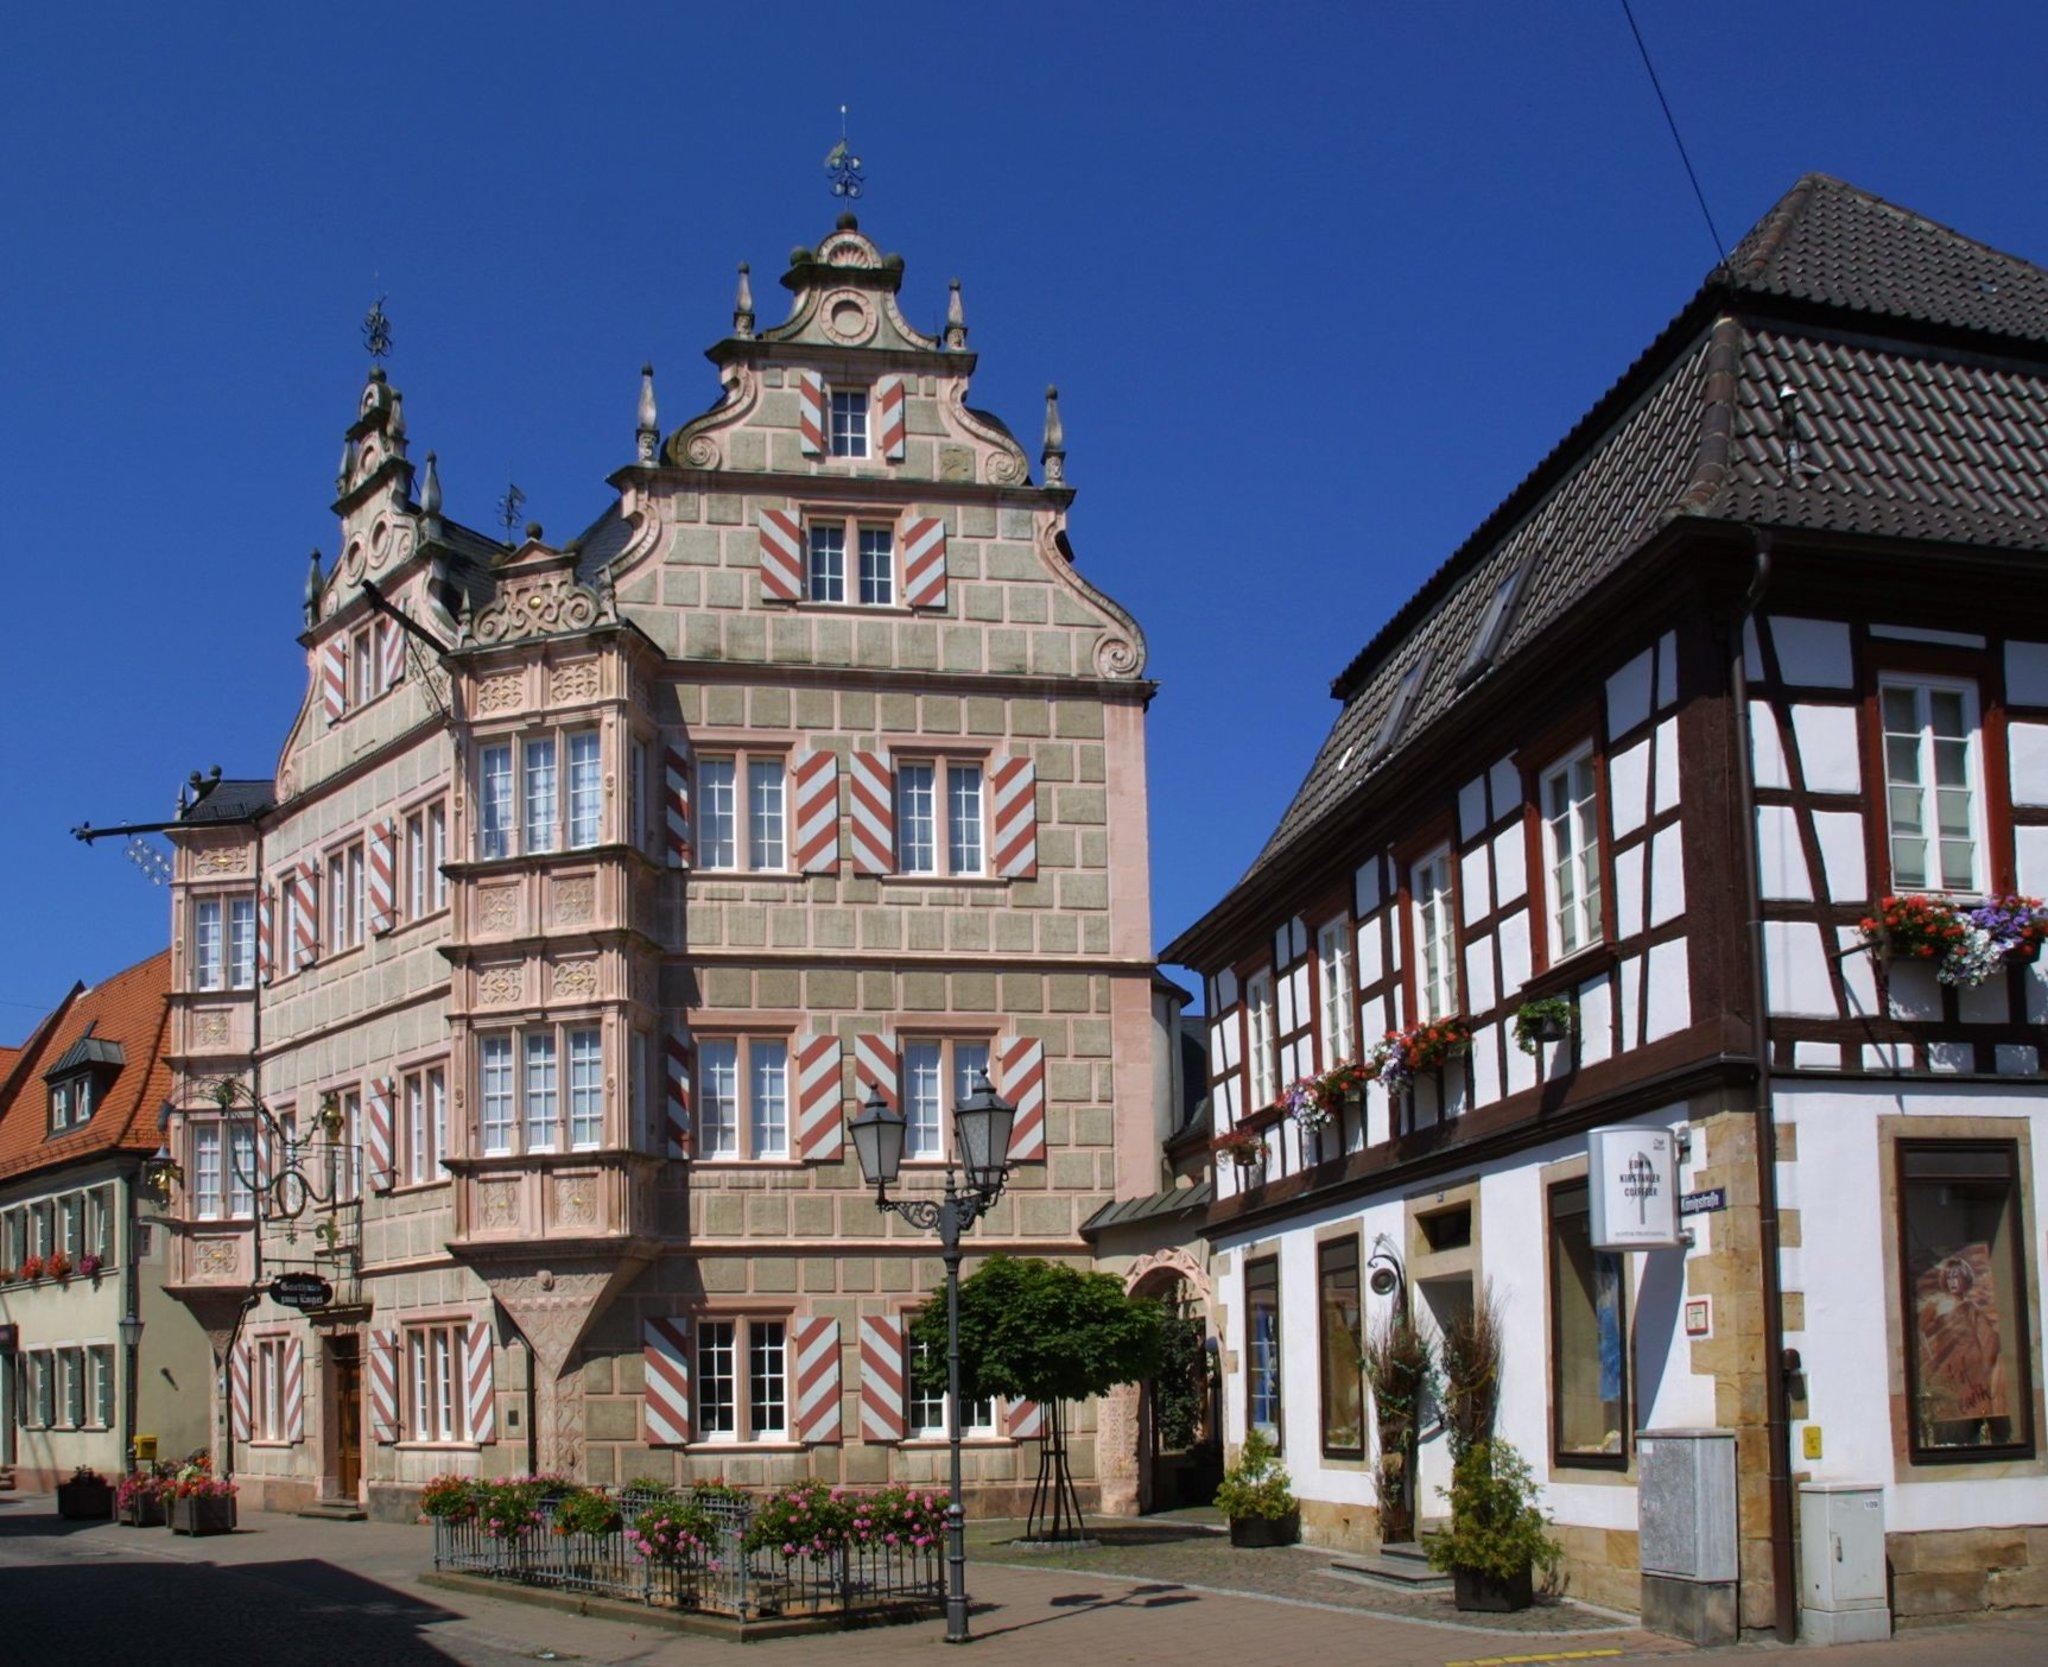 Sehenswürdigkeiten in der Pfalz - cover